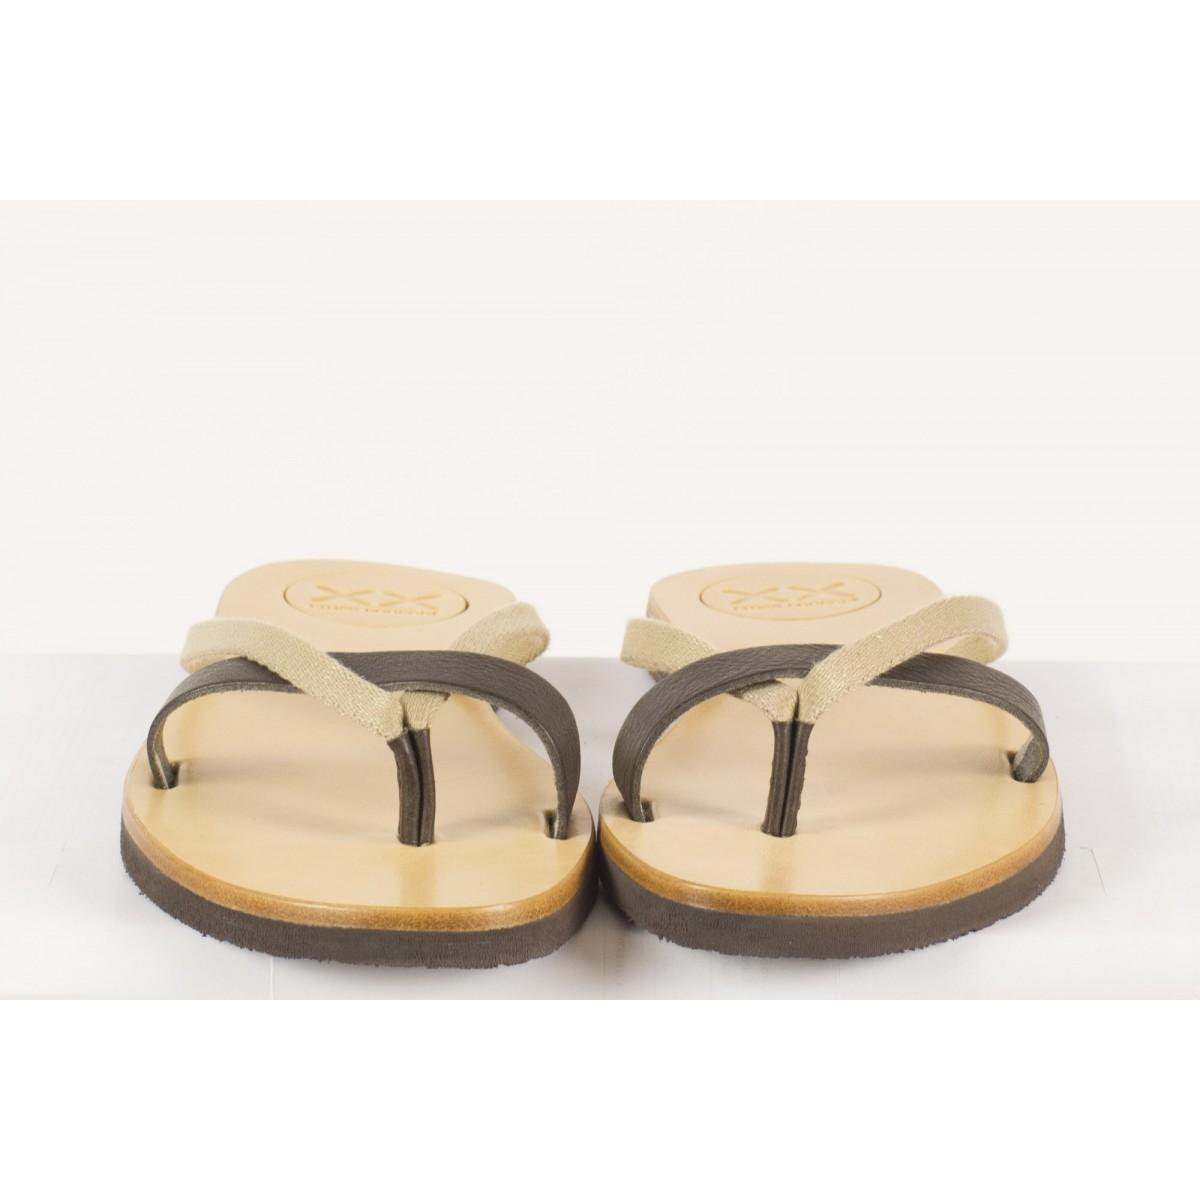 Sandalo Xx Cross Concept - S01 Tutti Frutti Infradito Donna Brown